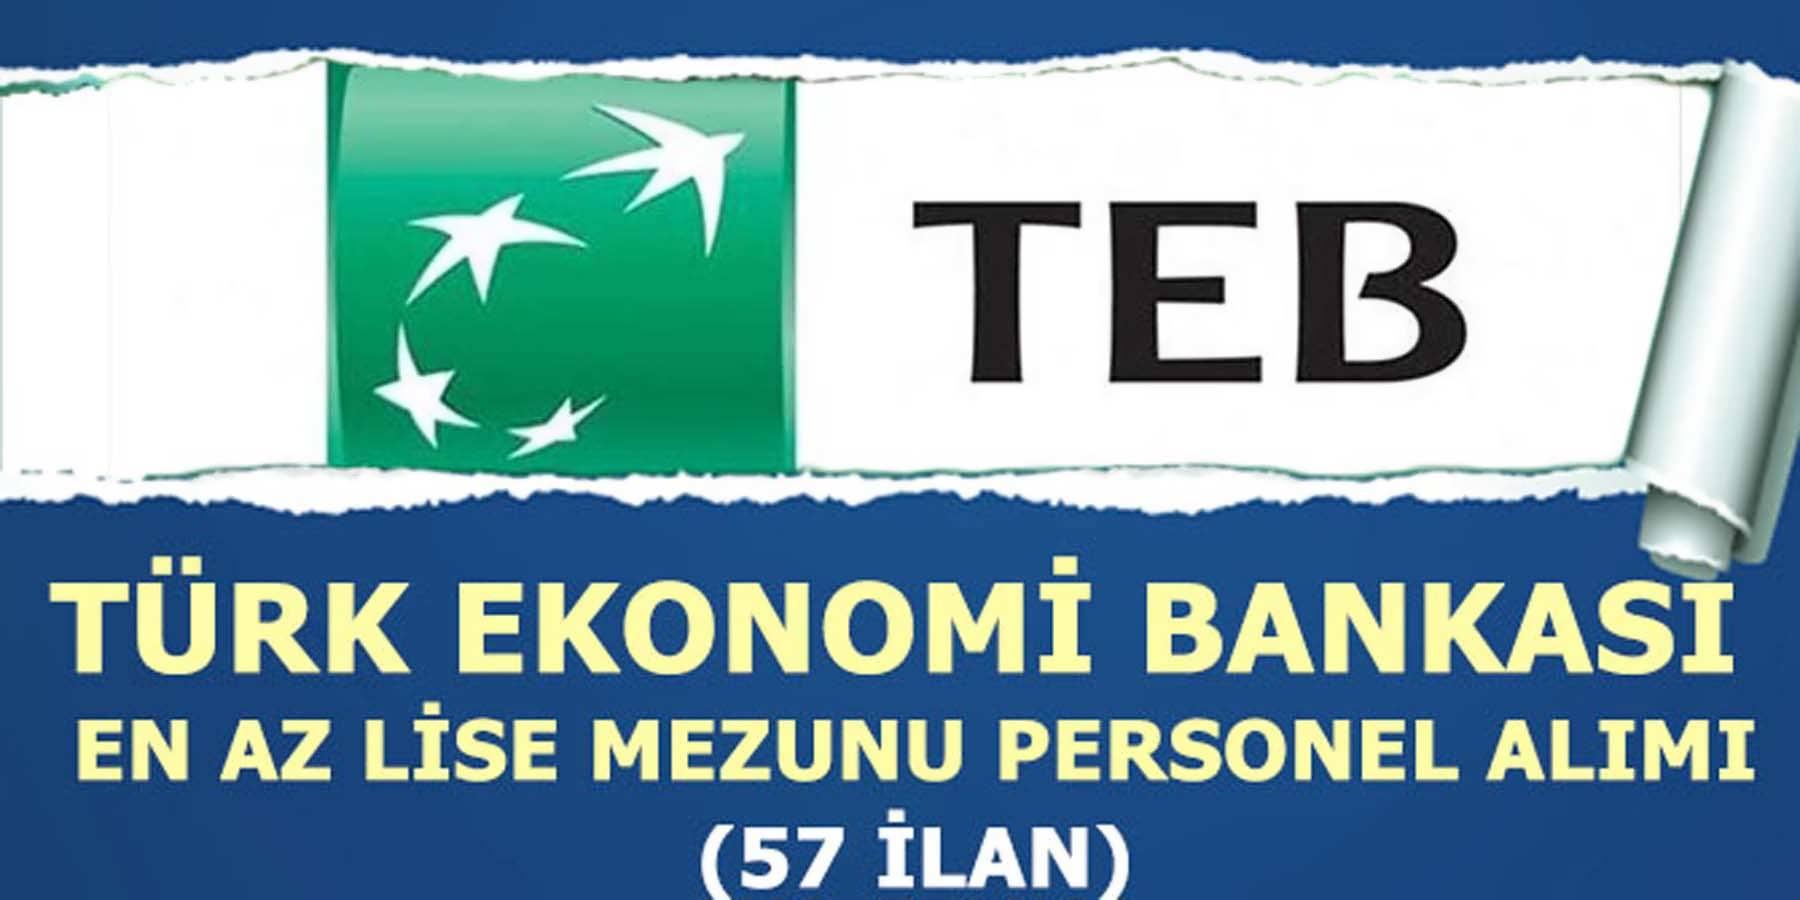 Türk Ekonomi Bankası En Az Lise Mezunu Personel Alımı (57 İlan)